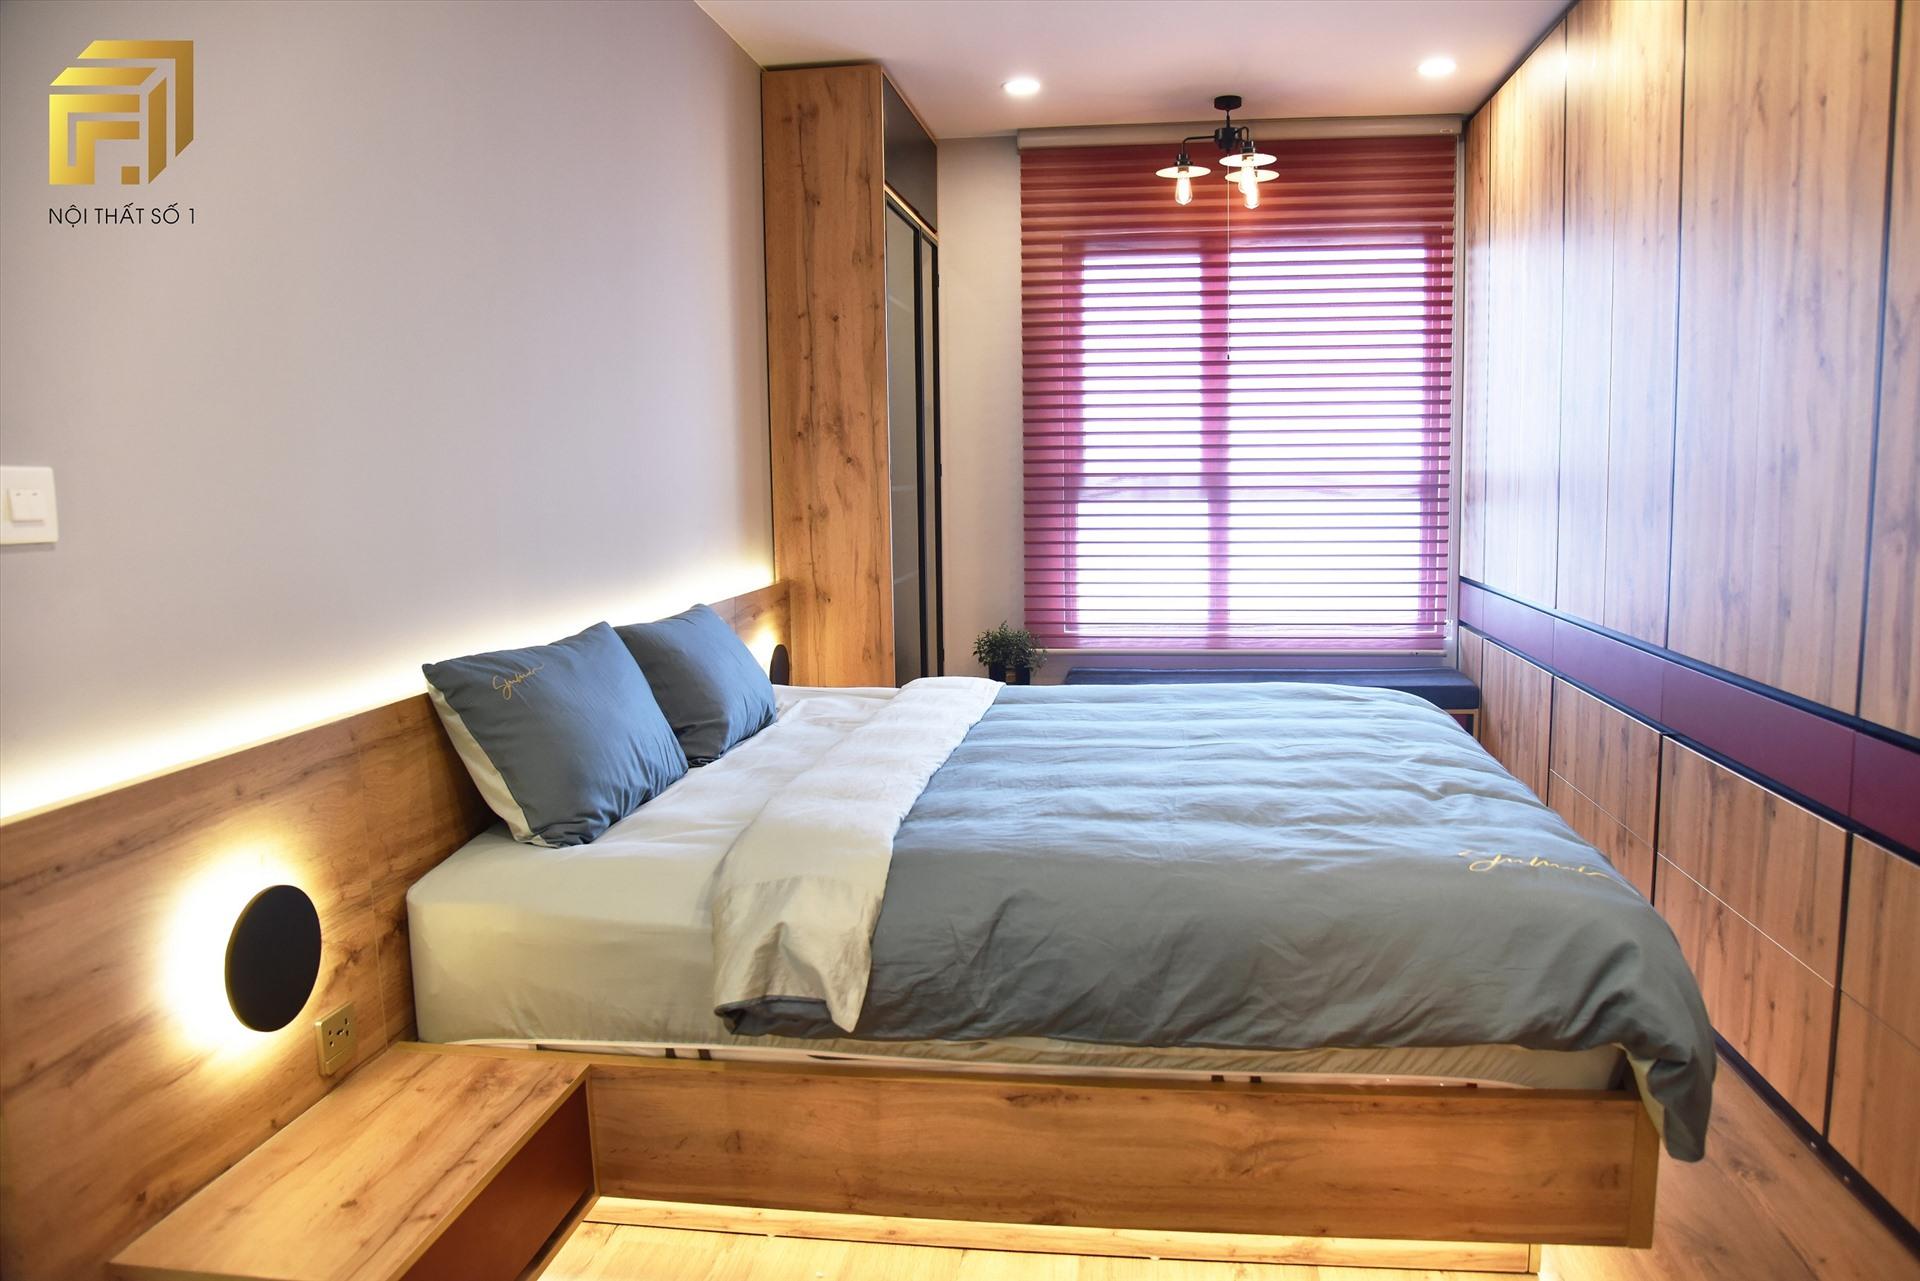 Giường ngủ lớn được trực tiếp sản xuất tại Nhà máy Nội thất F1 (Lương Sơn, Hòa Bình)